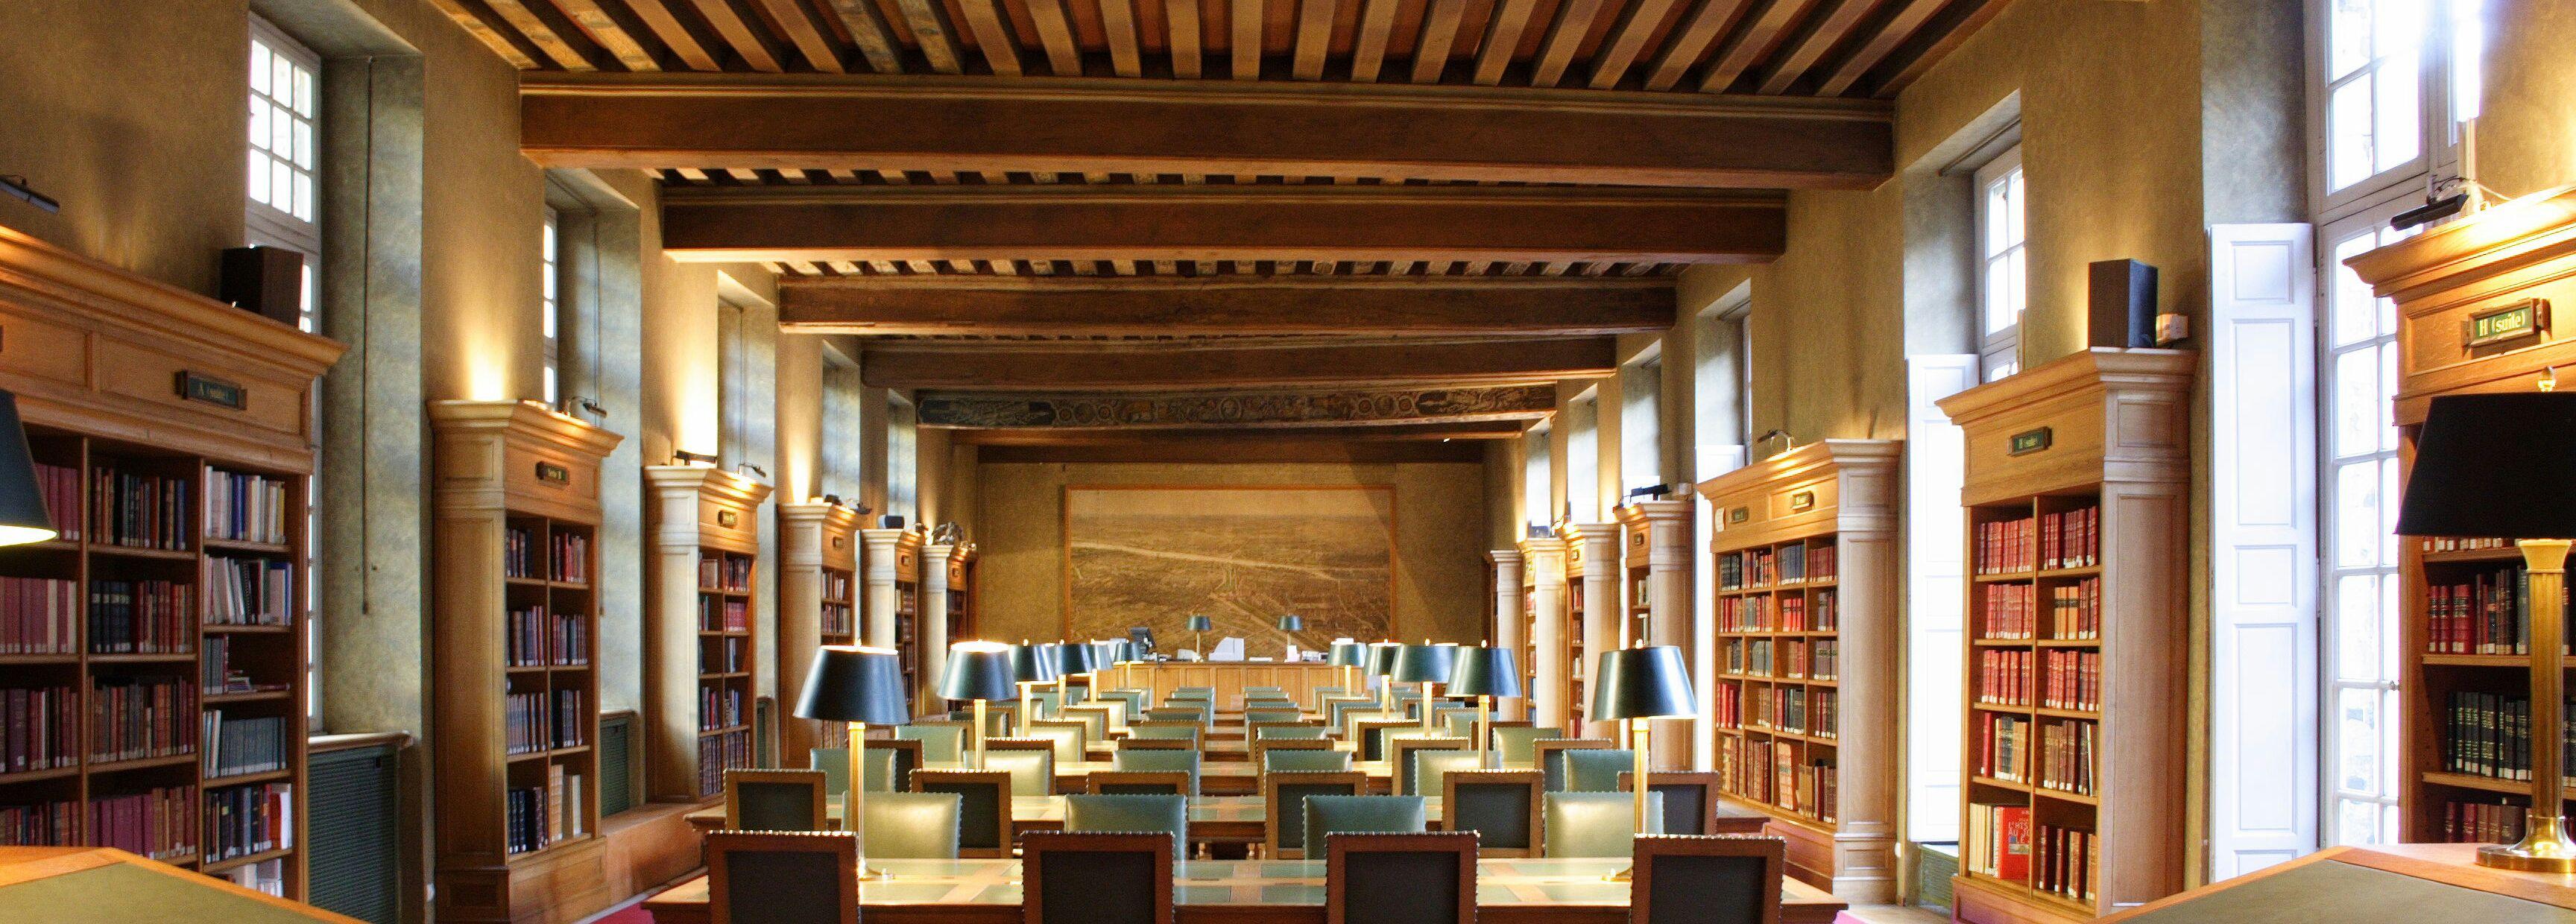 Porte ouverte à La Bibliothèque Historique de Paris - Ex : Visite guidée, exposition, consultation de livres anciens